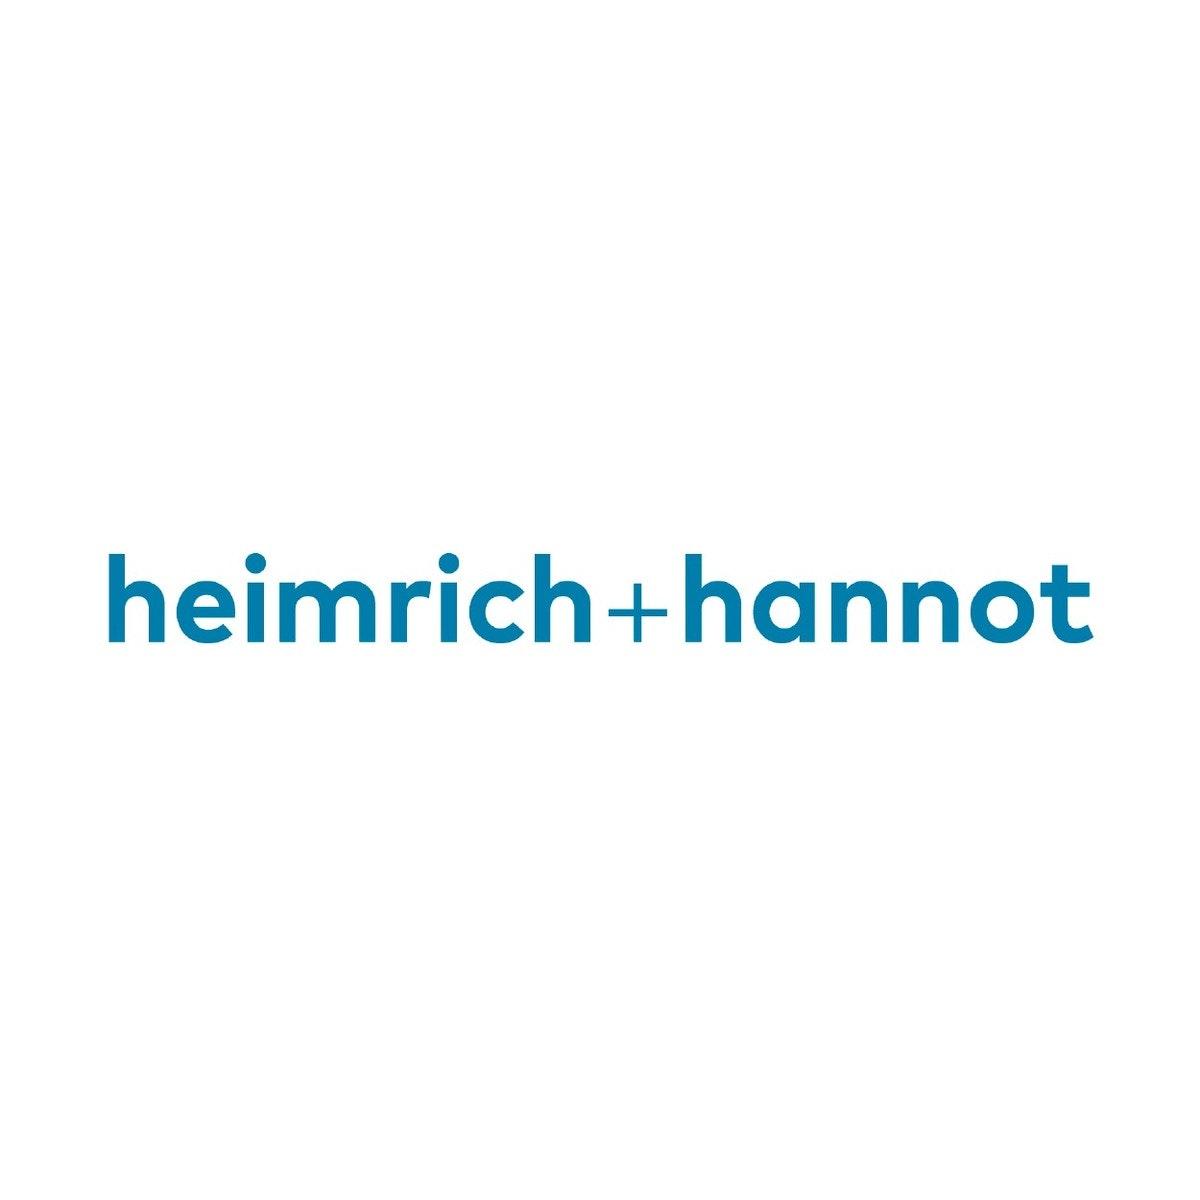 Heimrich & Hannot GmbH